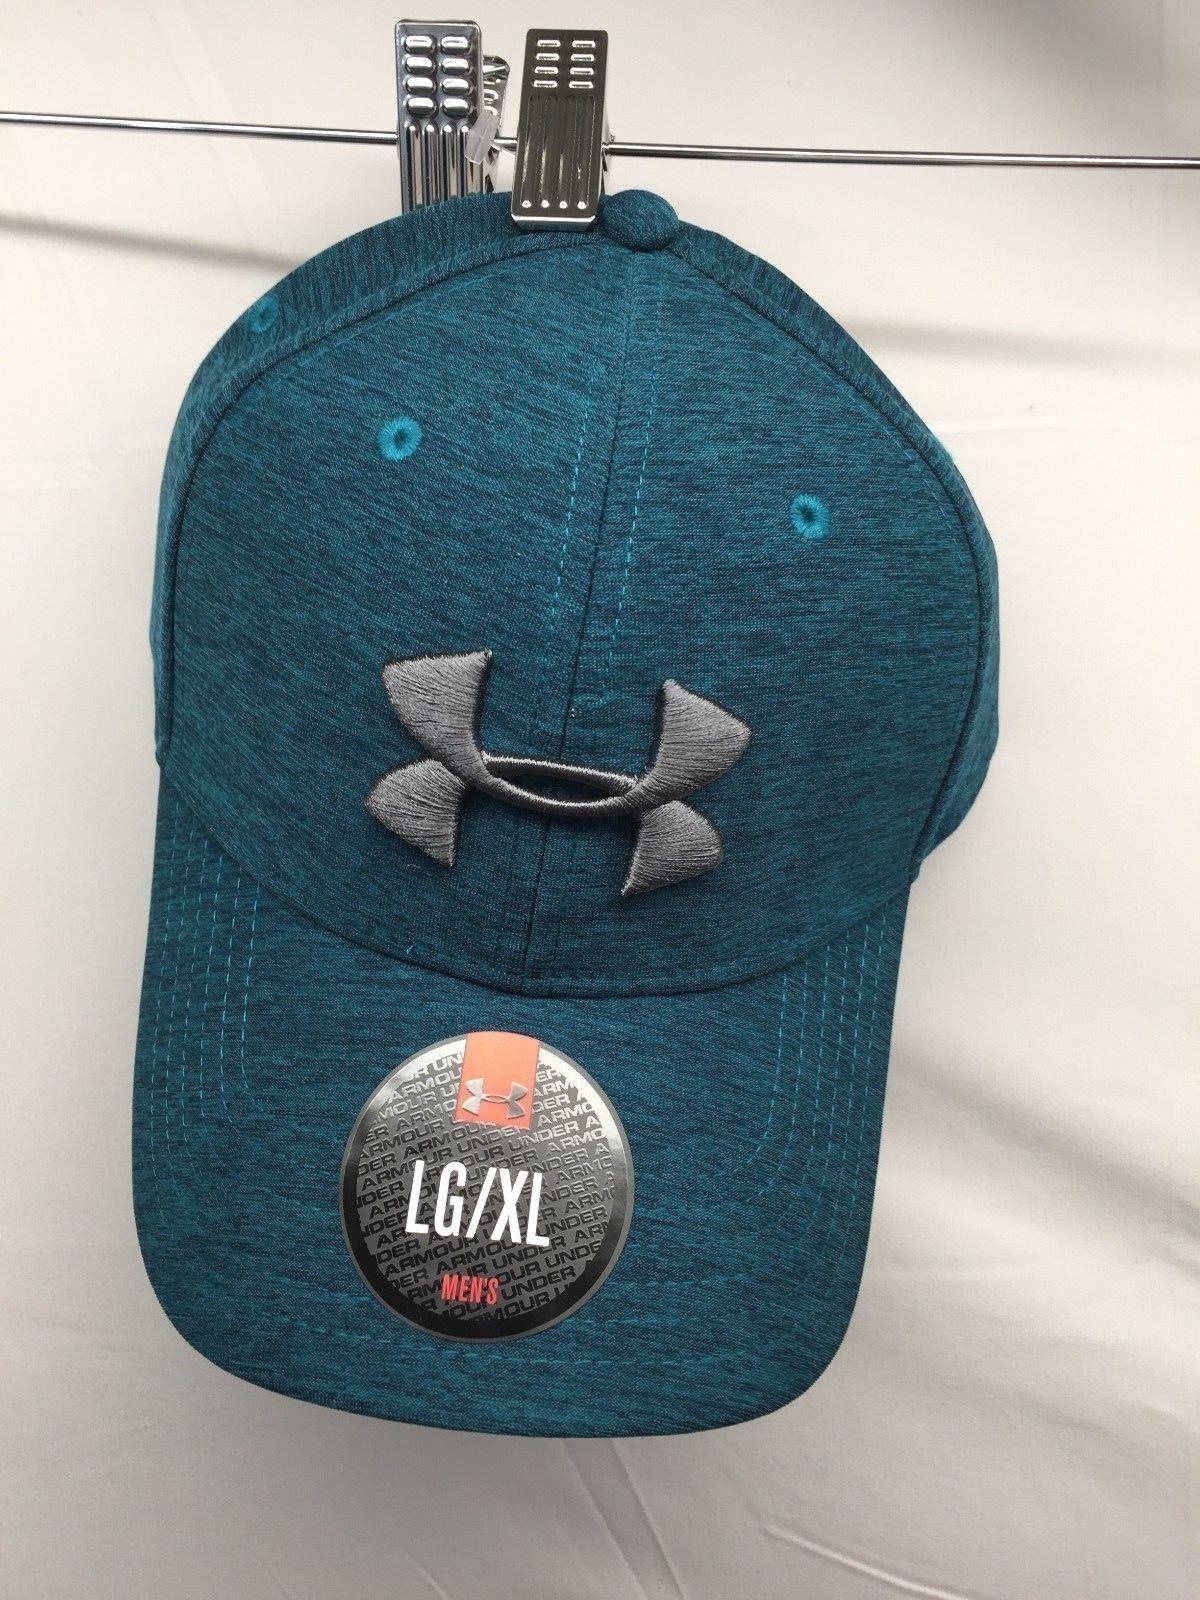 Under Armour Men s UA Twist Print Tech Closer Hat Cap turquoise 1273199-158  ... 05959a7d006